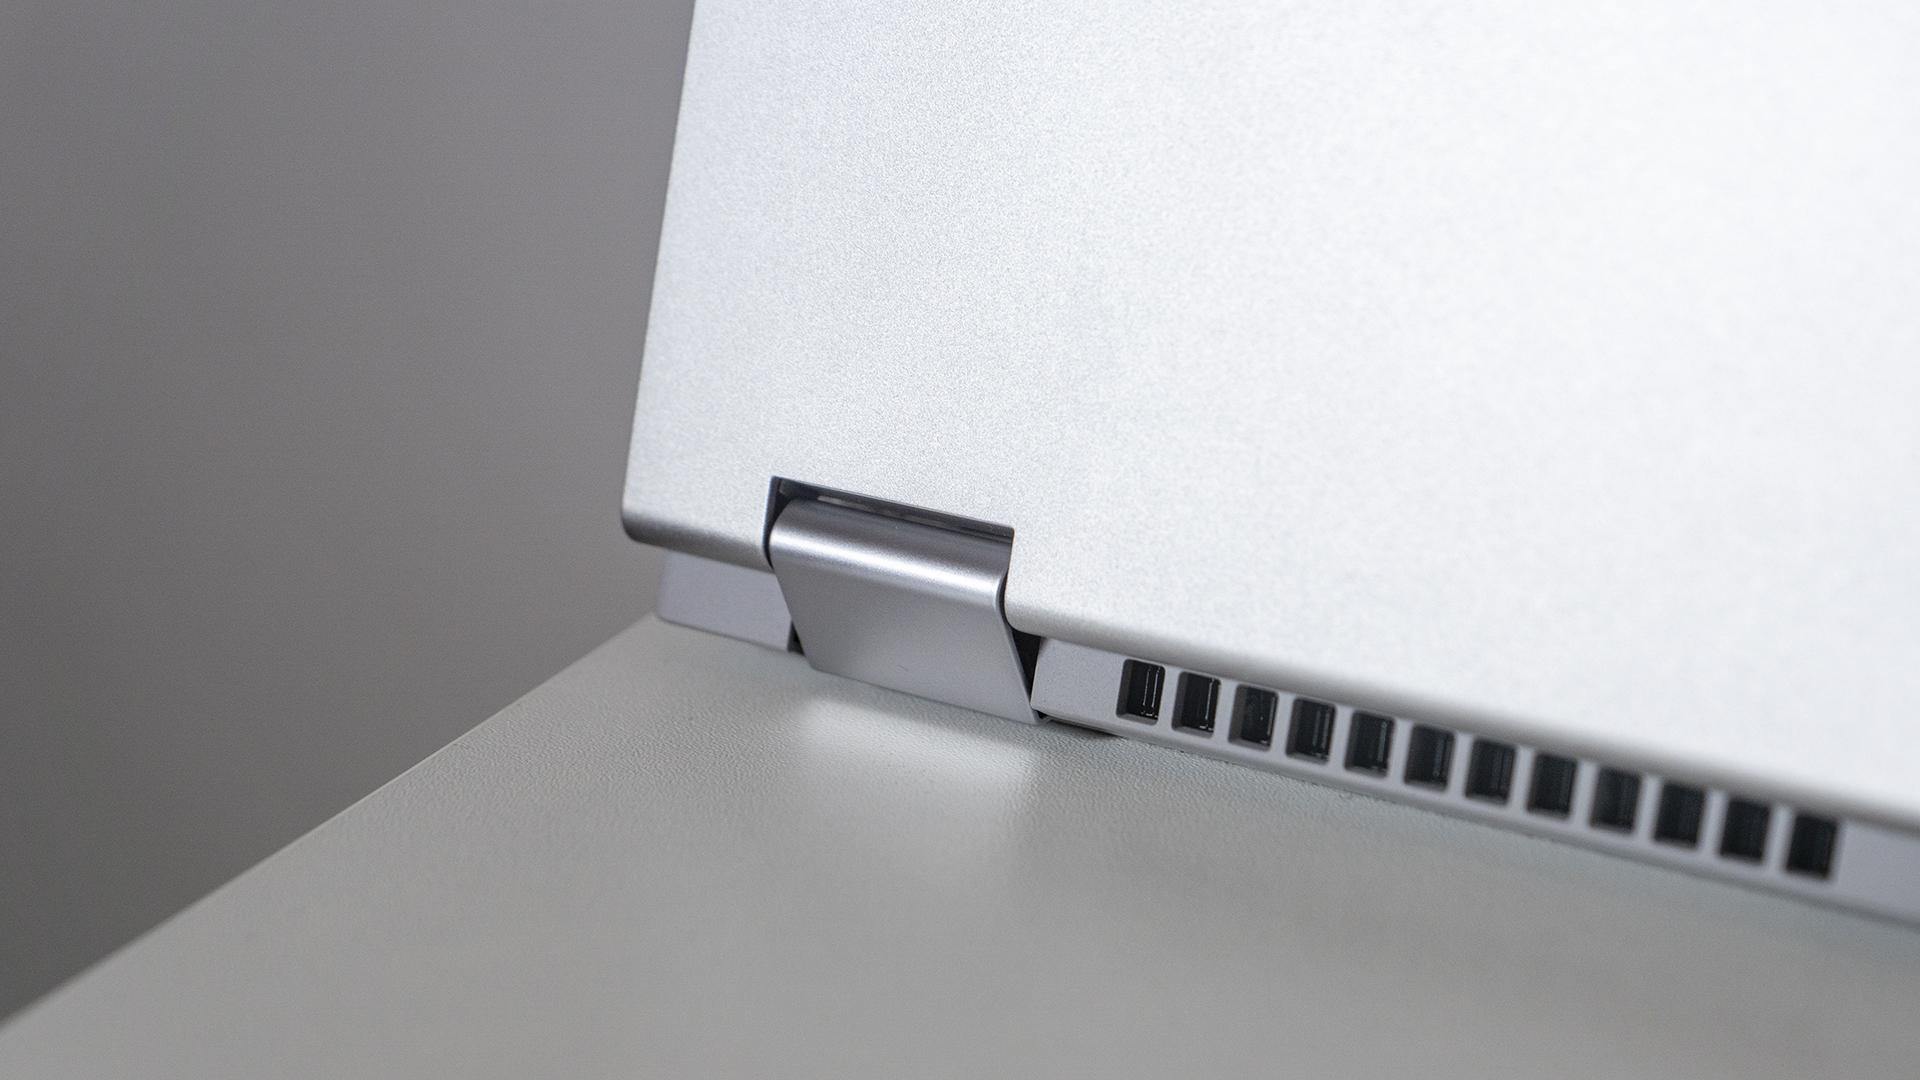 Lenovo IdeaPad Flex 5 Scharniere